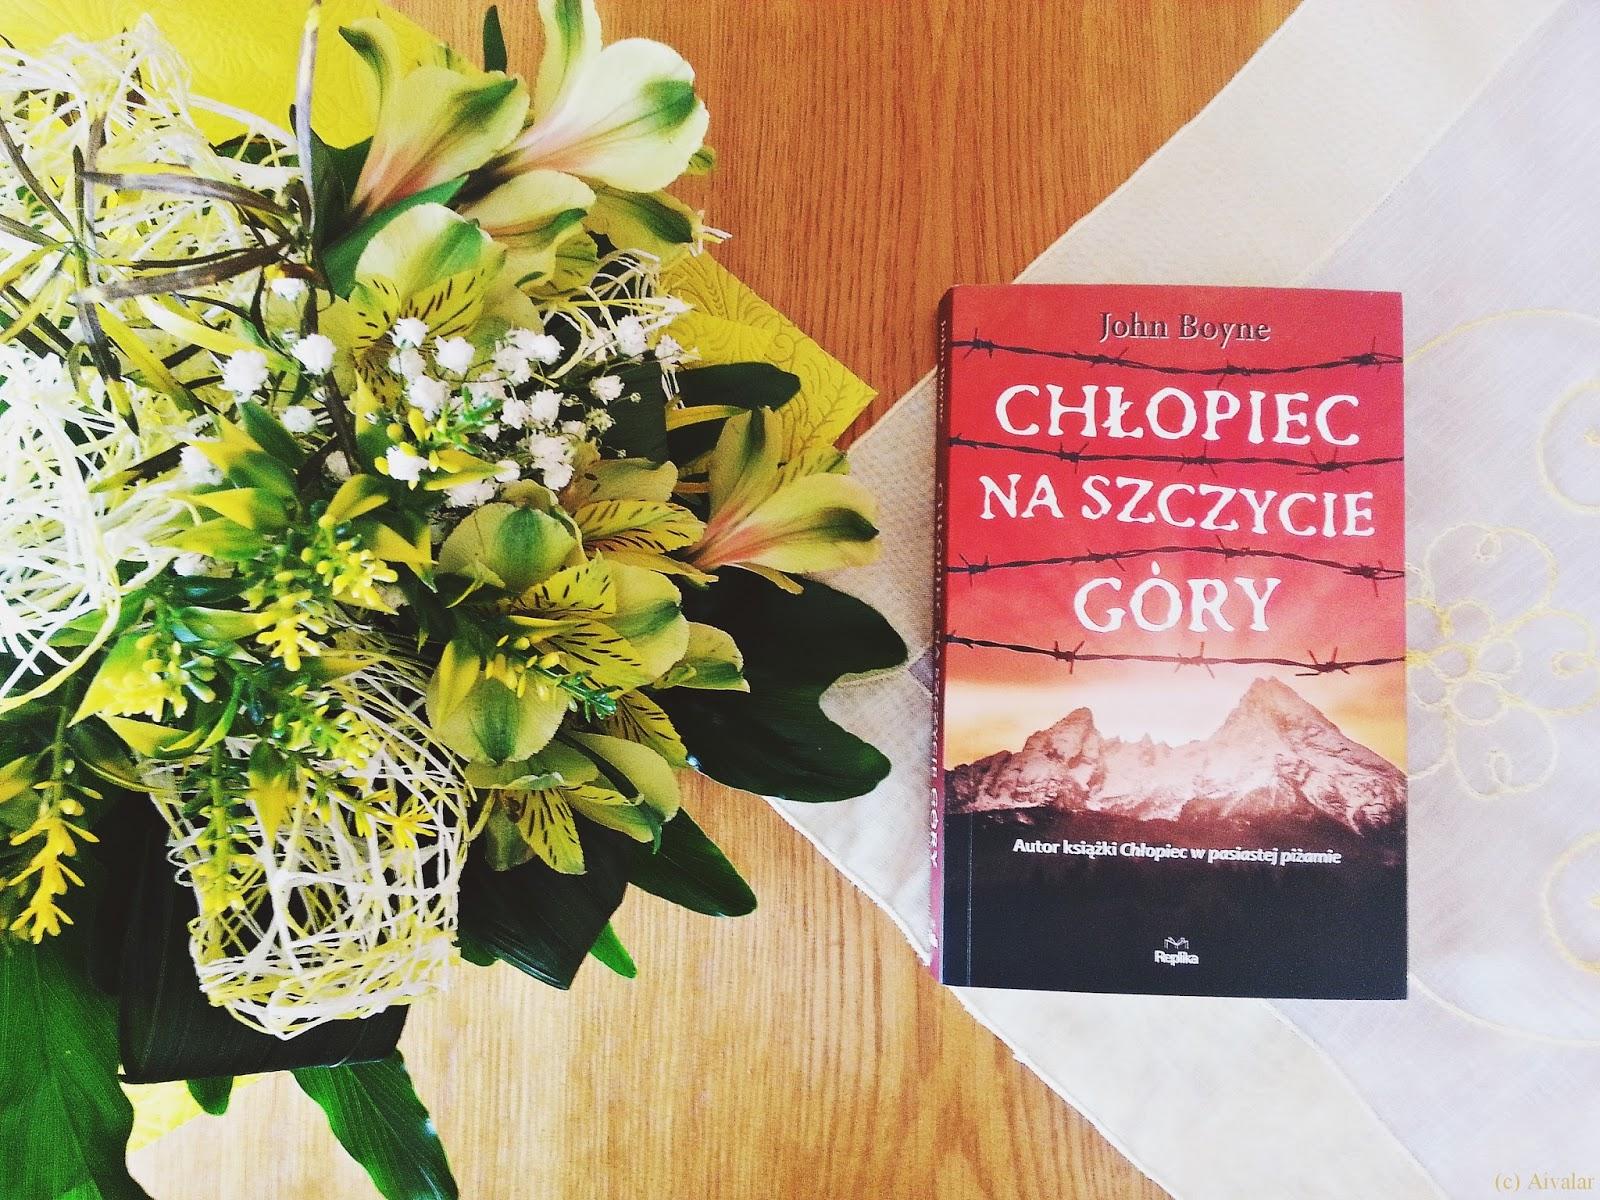 Chłopiec na szczycie góry, John Boyne, książka, recenzja, Wydawnictwo Replika